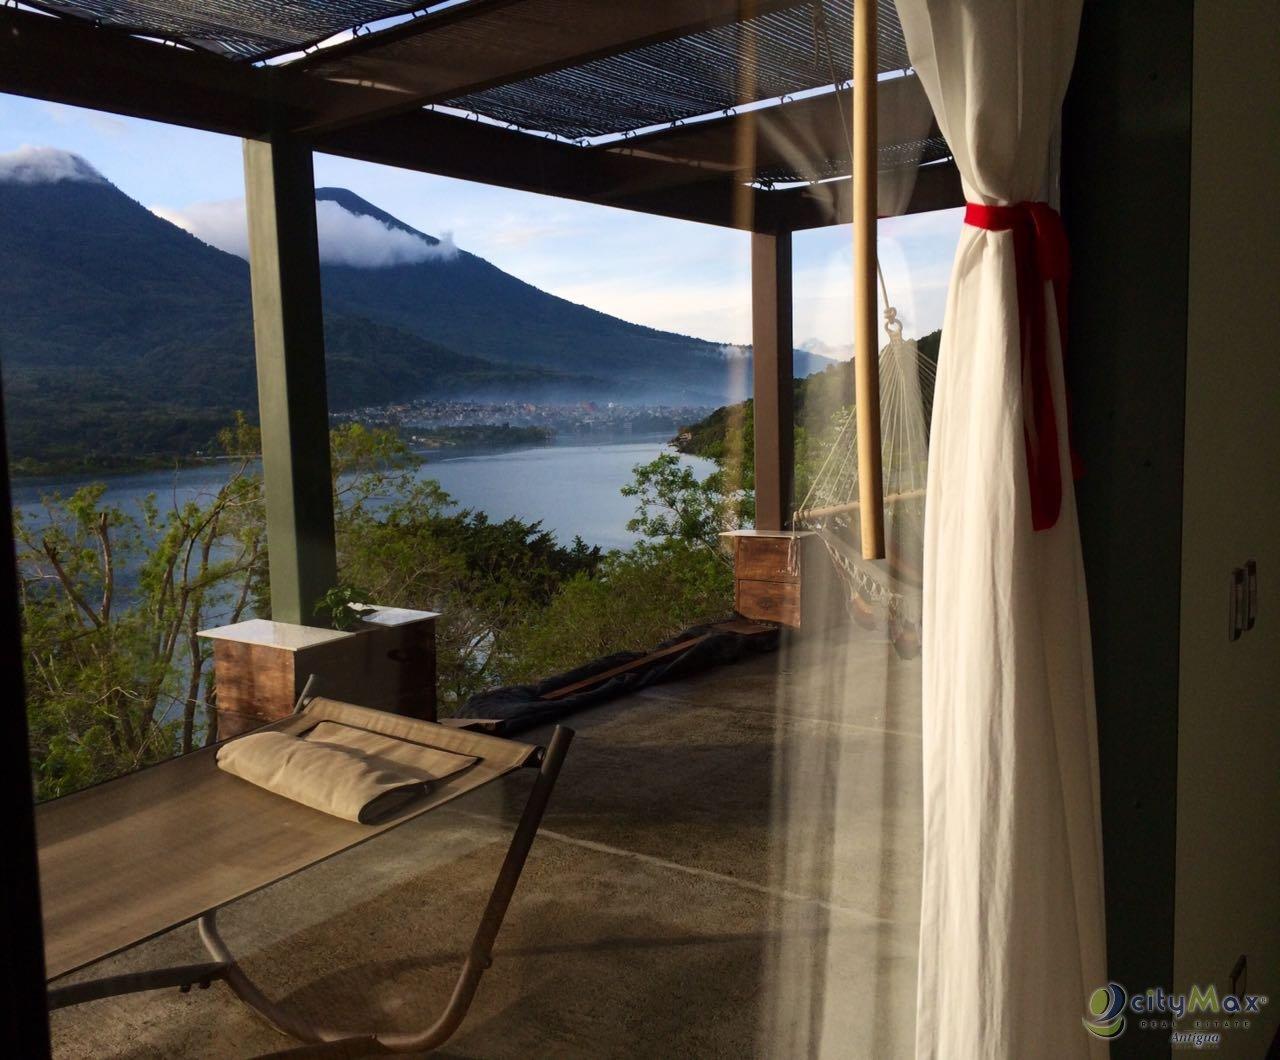 ¡CityMax renta hermoso chalet en el Lago de Atitlan!